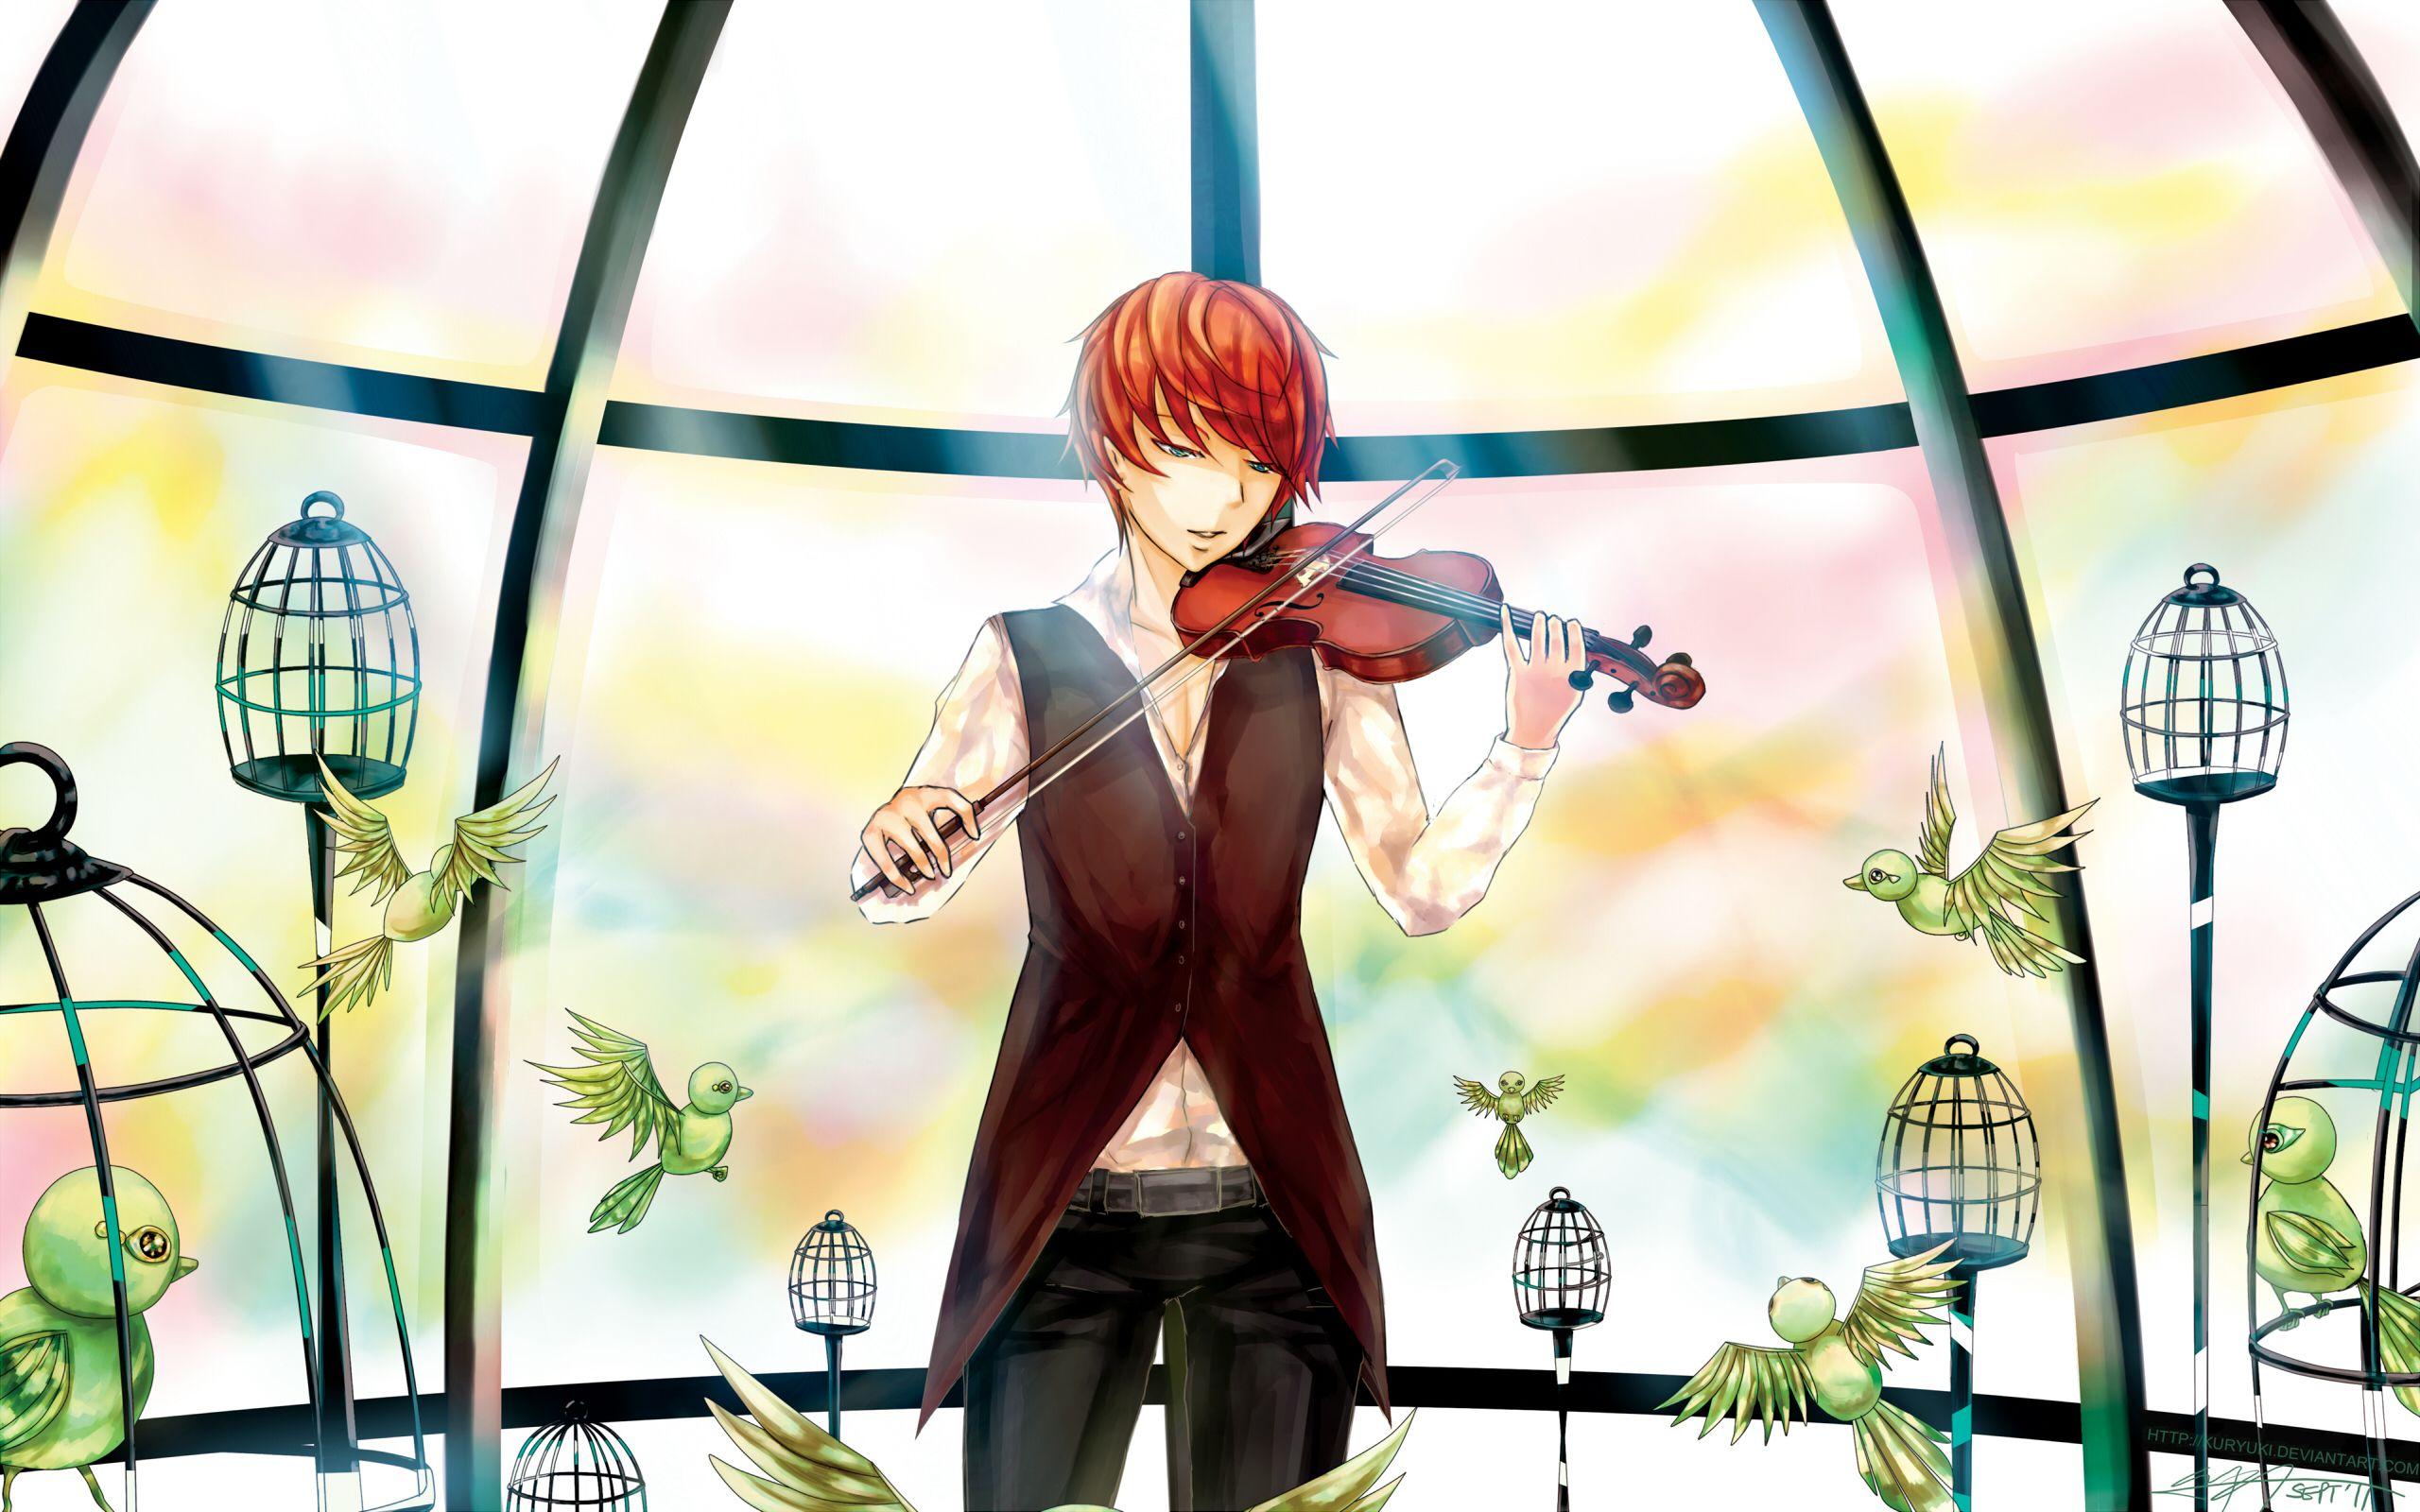 anime boy music wallpaper wwwpixsharkcom images